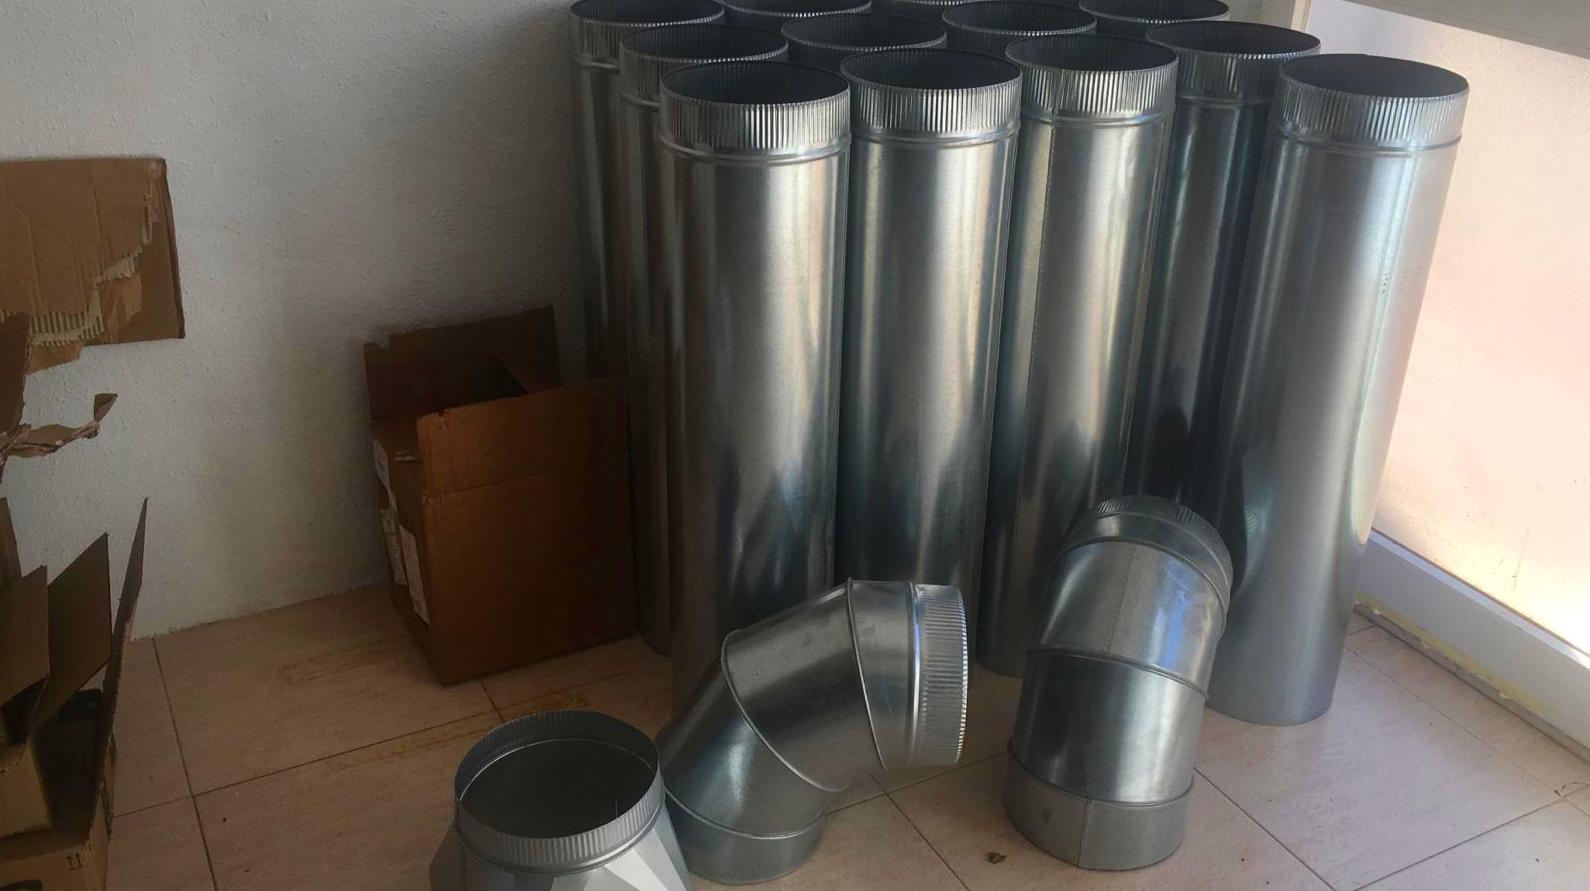 Limpieza e instalación de extracciónes de ventilación: Servicios que prestamos de Innovaex